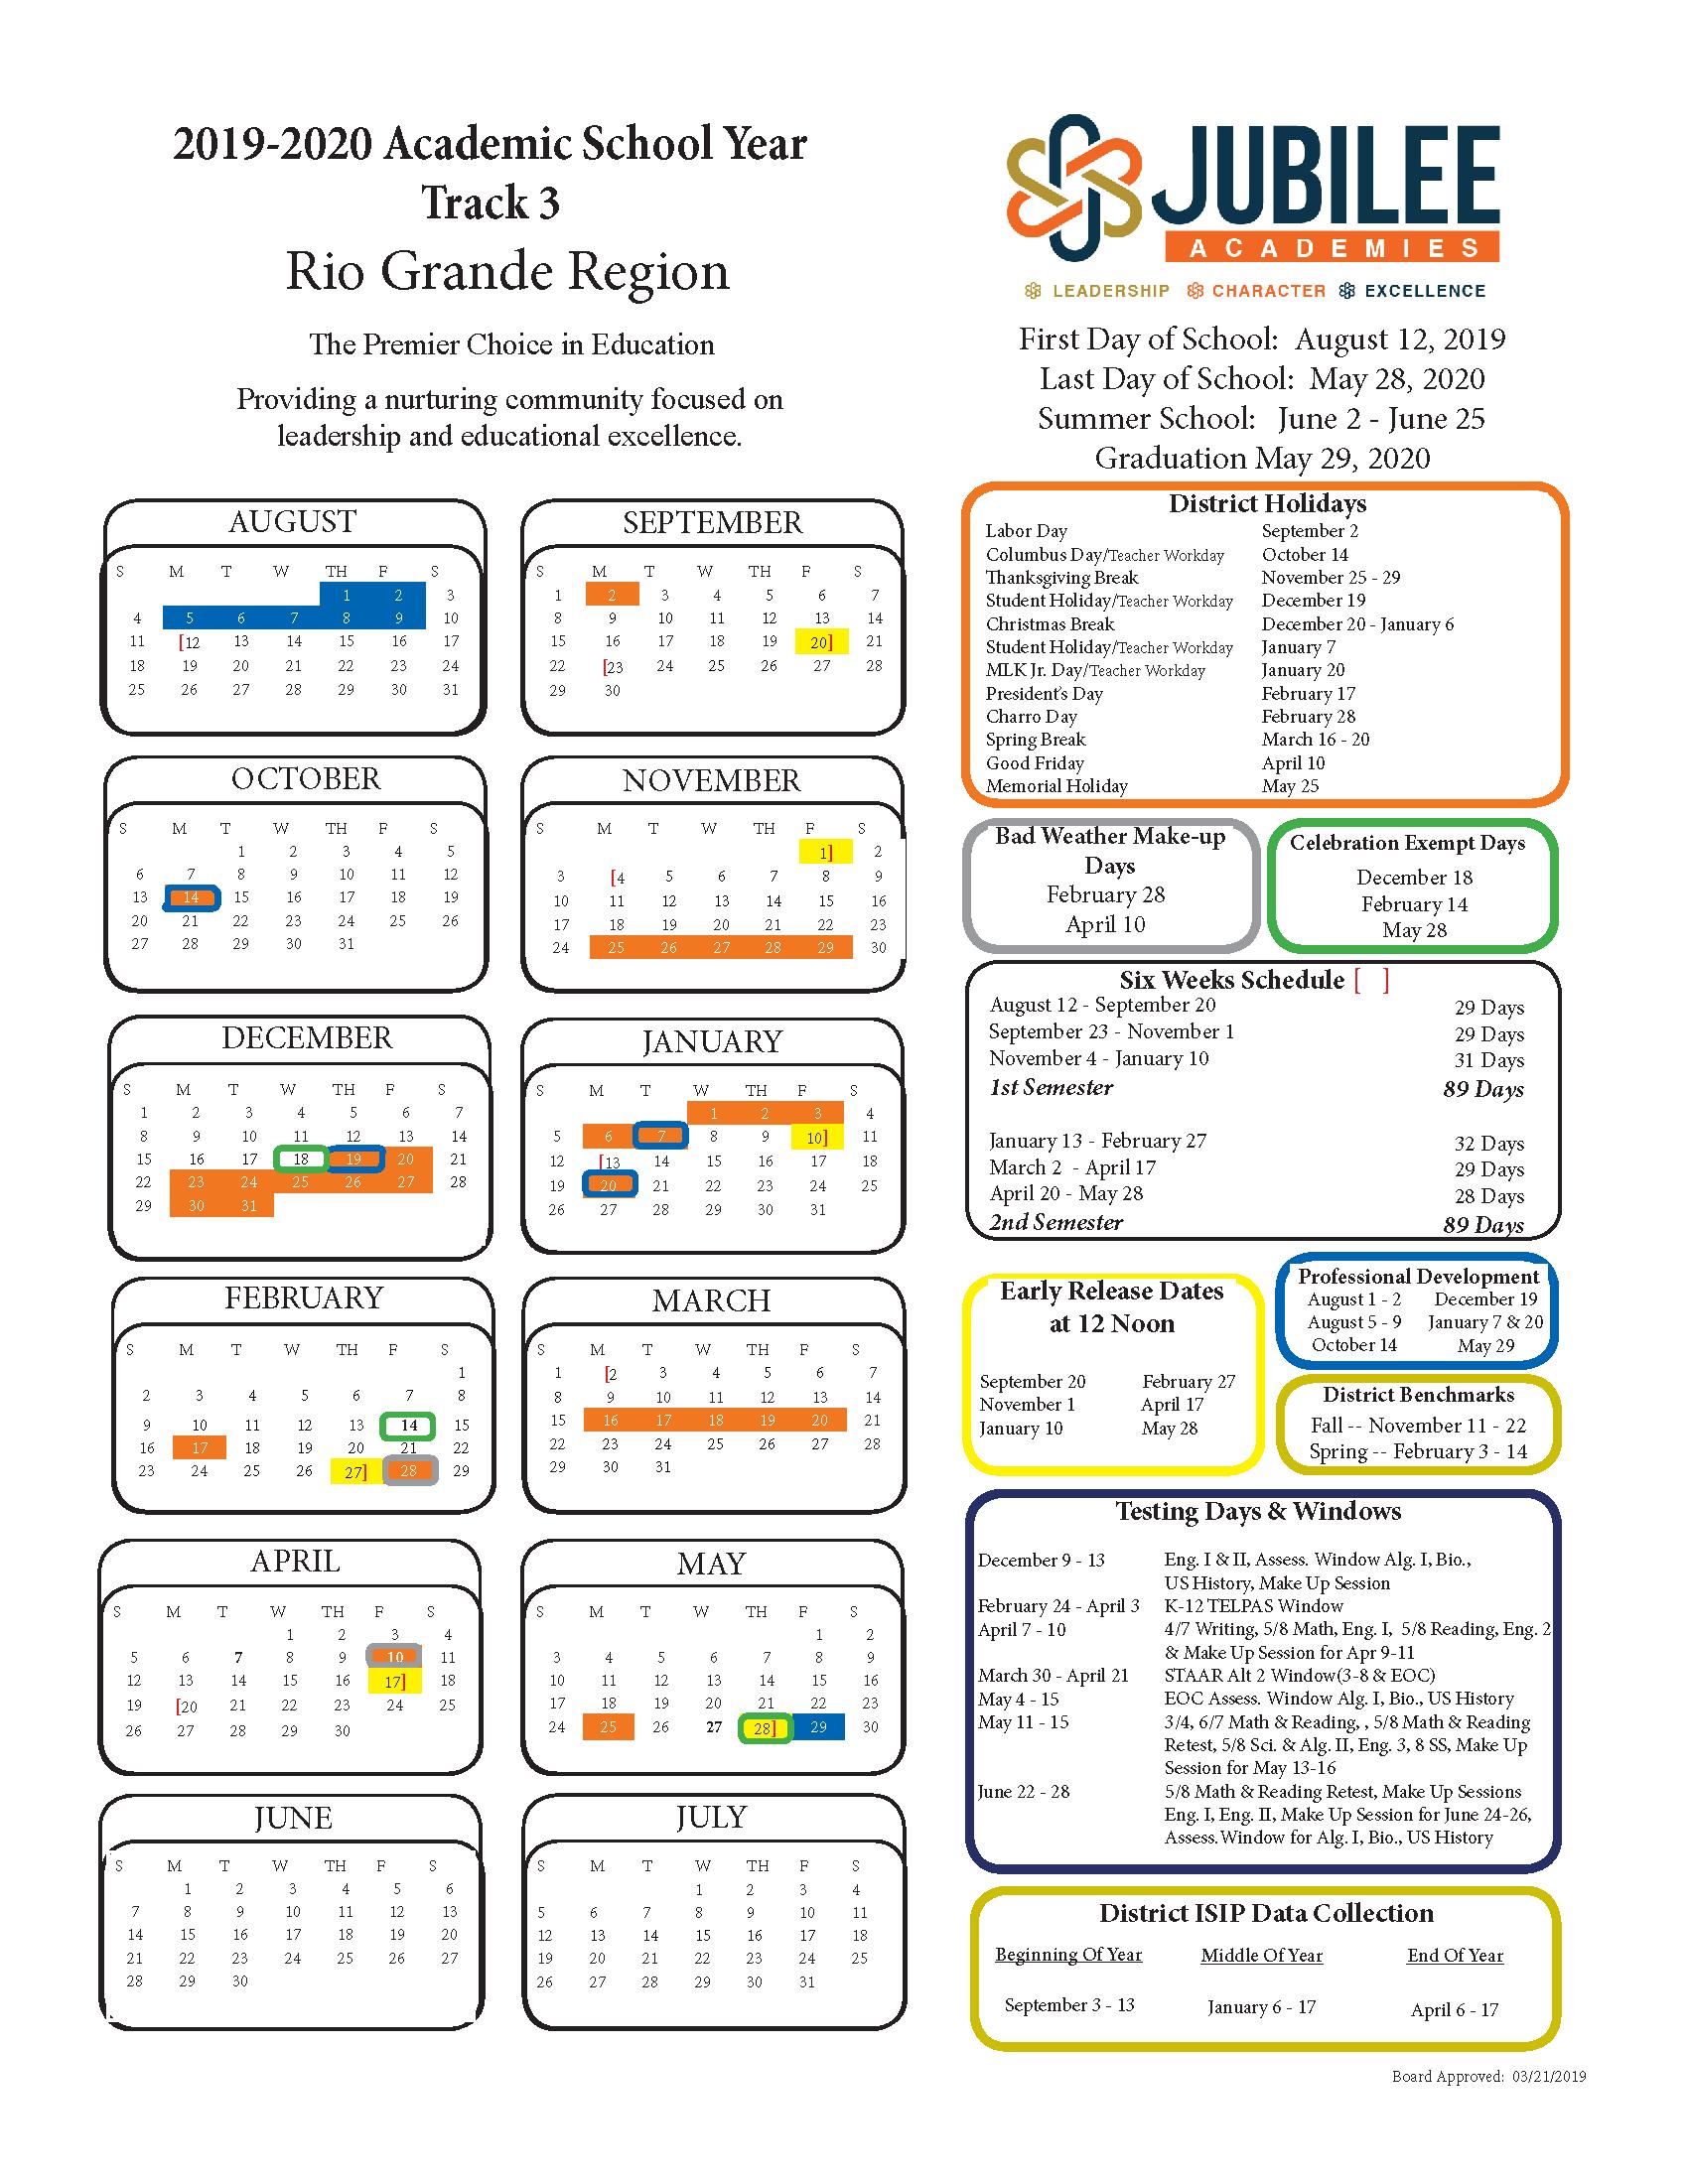 2019 2020 School Calendar – Parents – Jubilee Harlingen Within Brownsville Texas Bisd Calendar 2021 2020